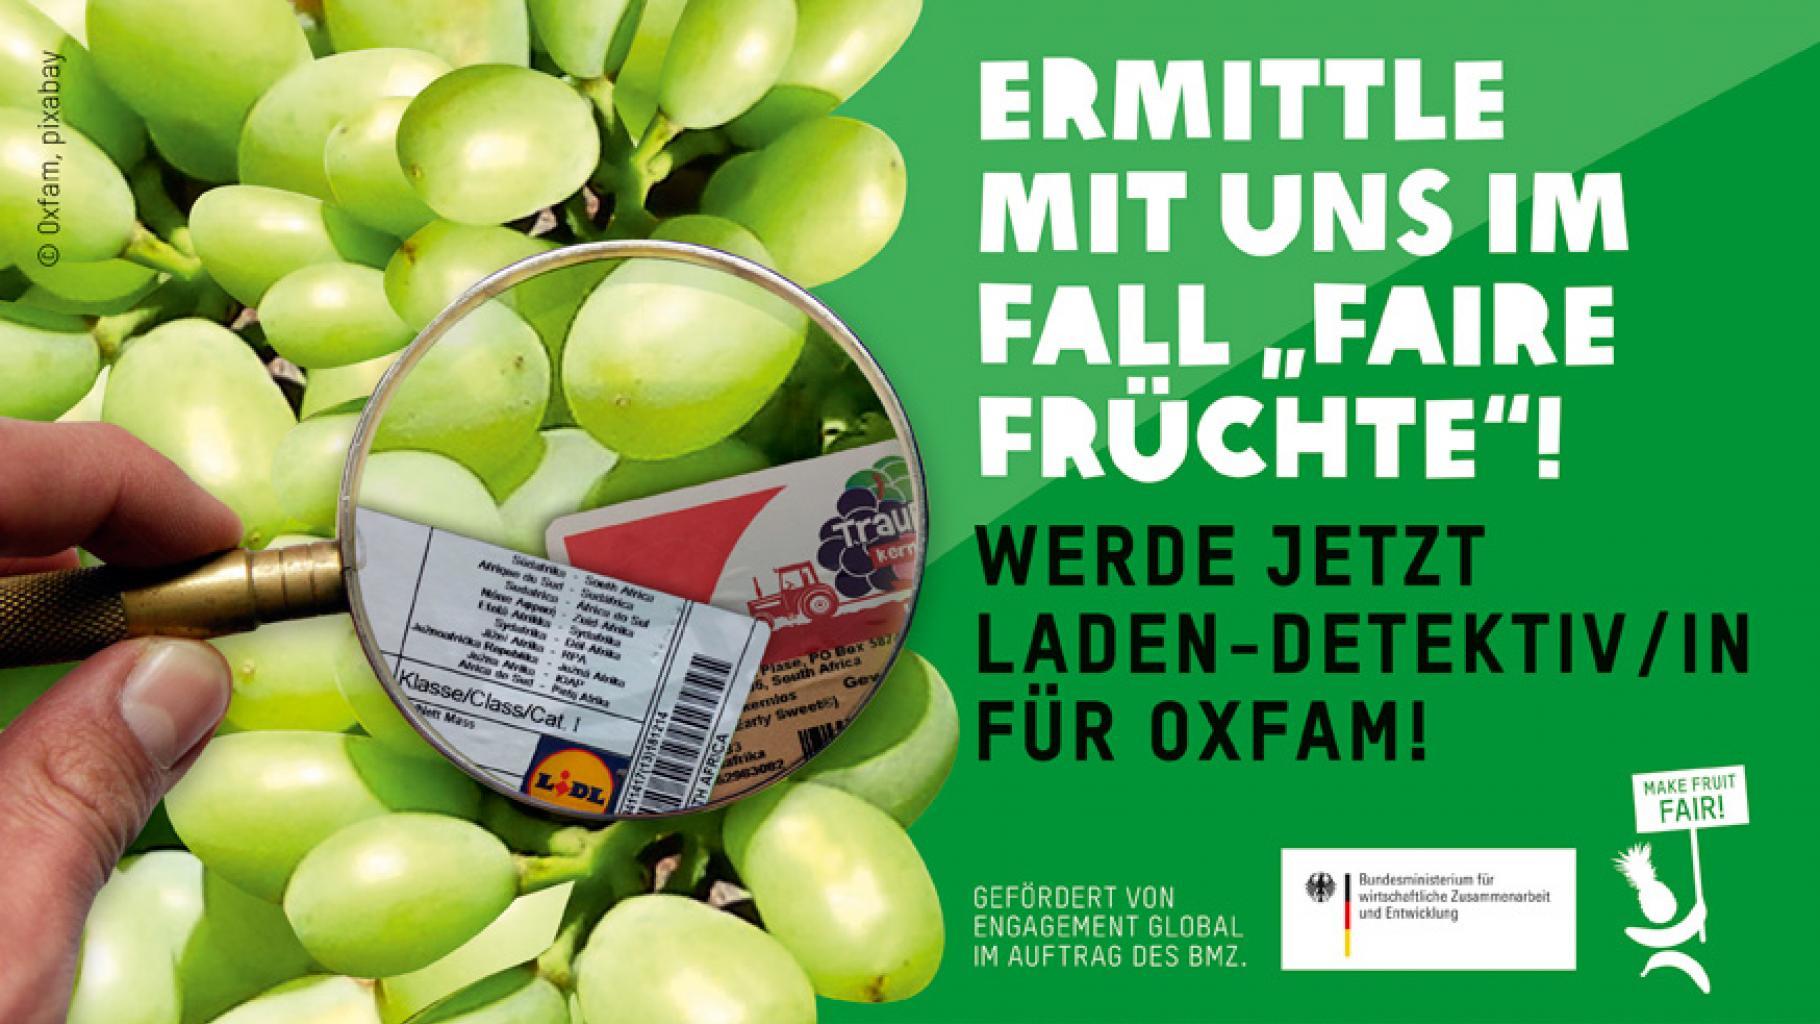 """Ermittle mit uns im Fall """"Faire Früchte""""! Werde jetzt Laden-Detektiv/in für Oxfam!"""